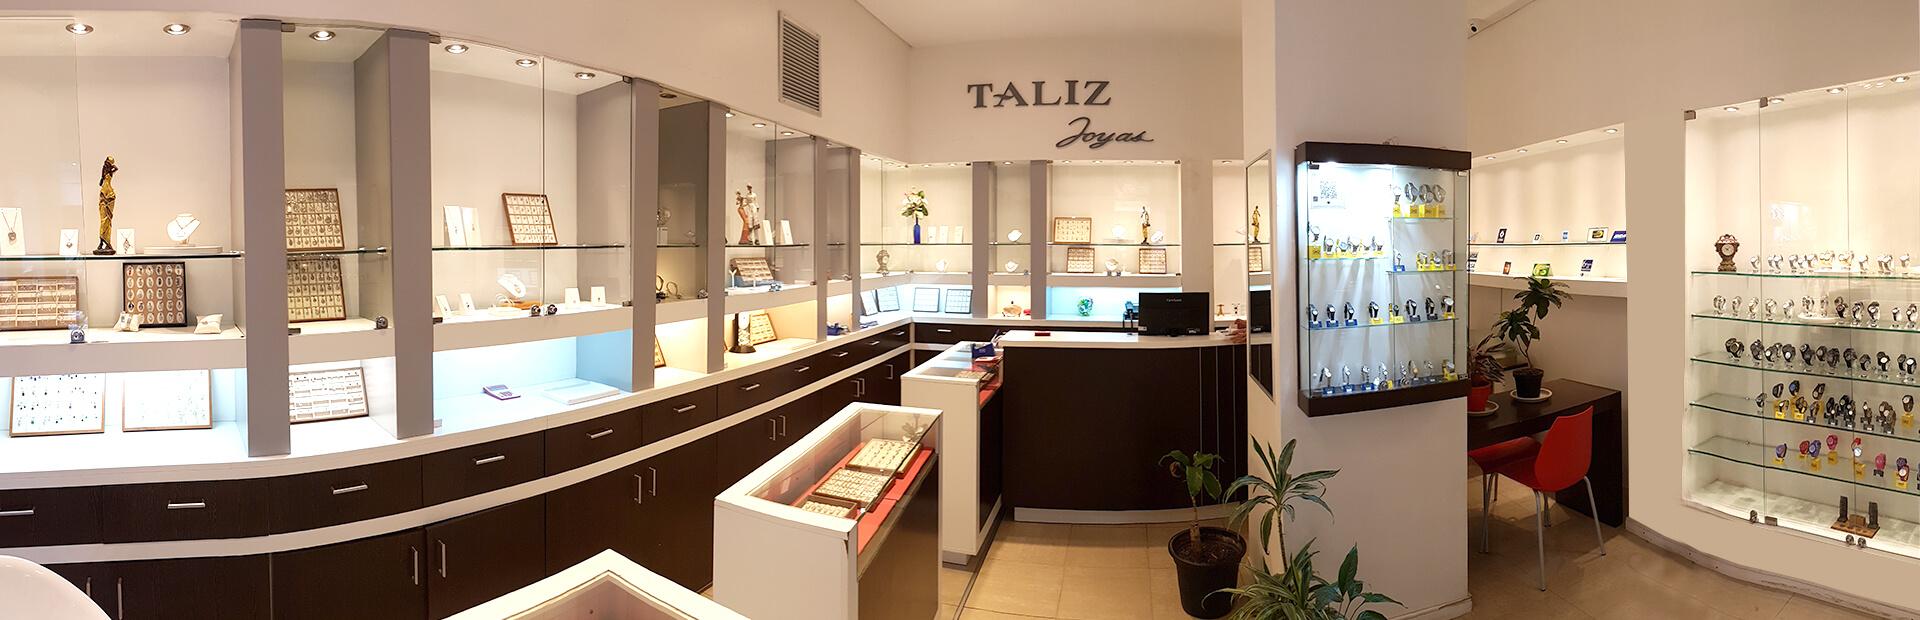 Onde comprar relógios em Montevidéu: Taliz Joyas em Montevideo Shopping